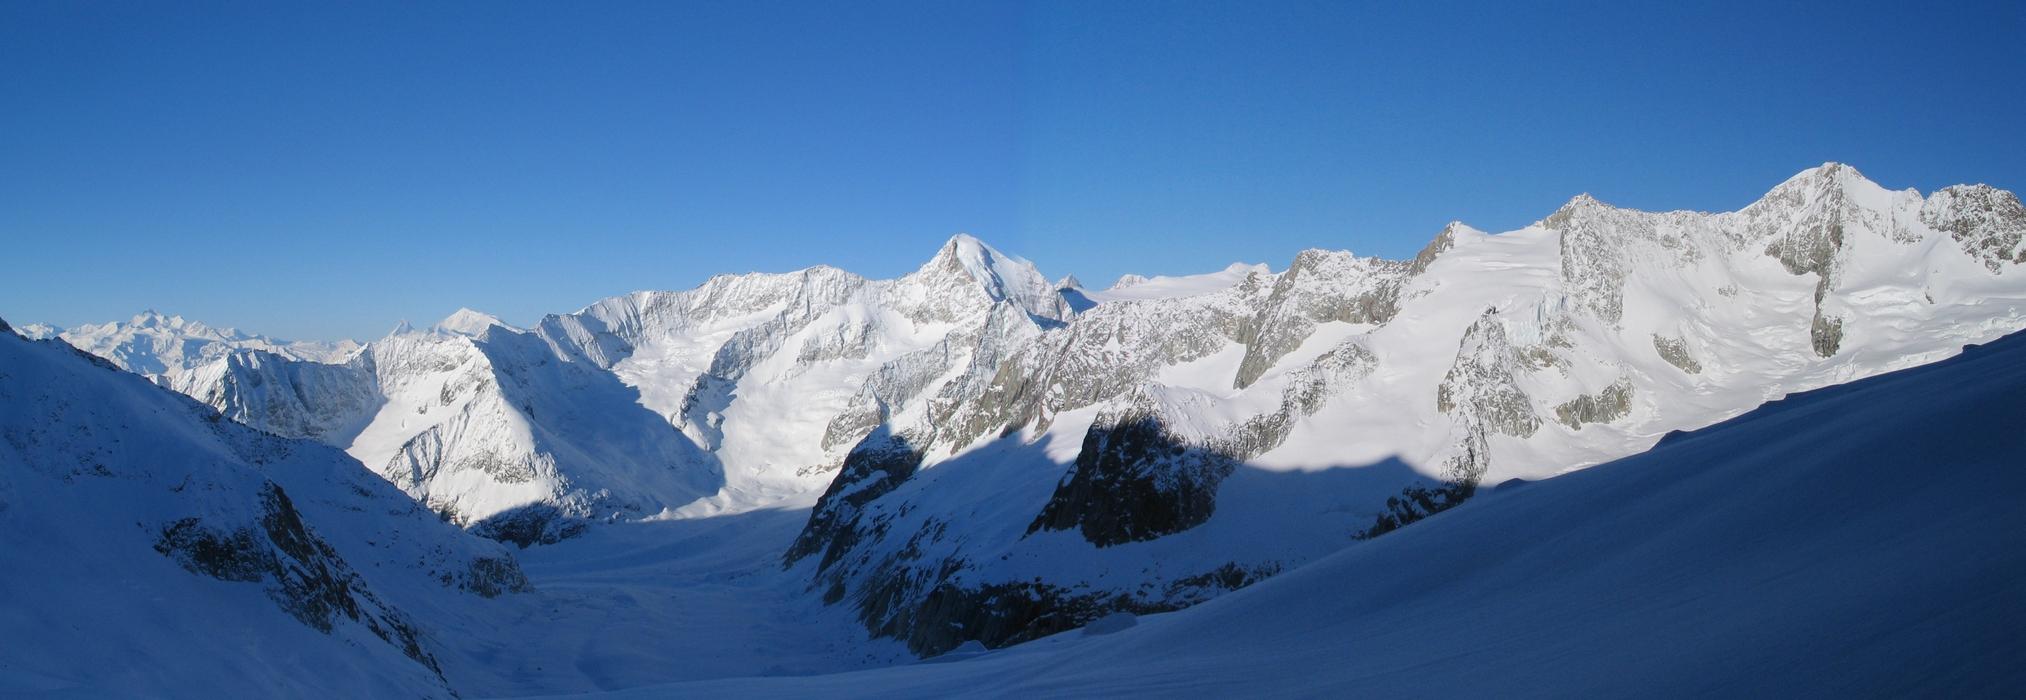 Grosser Aletschhorn Berner Alpen / Alpes bernoises Schweiz panorama 21